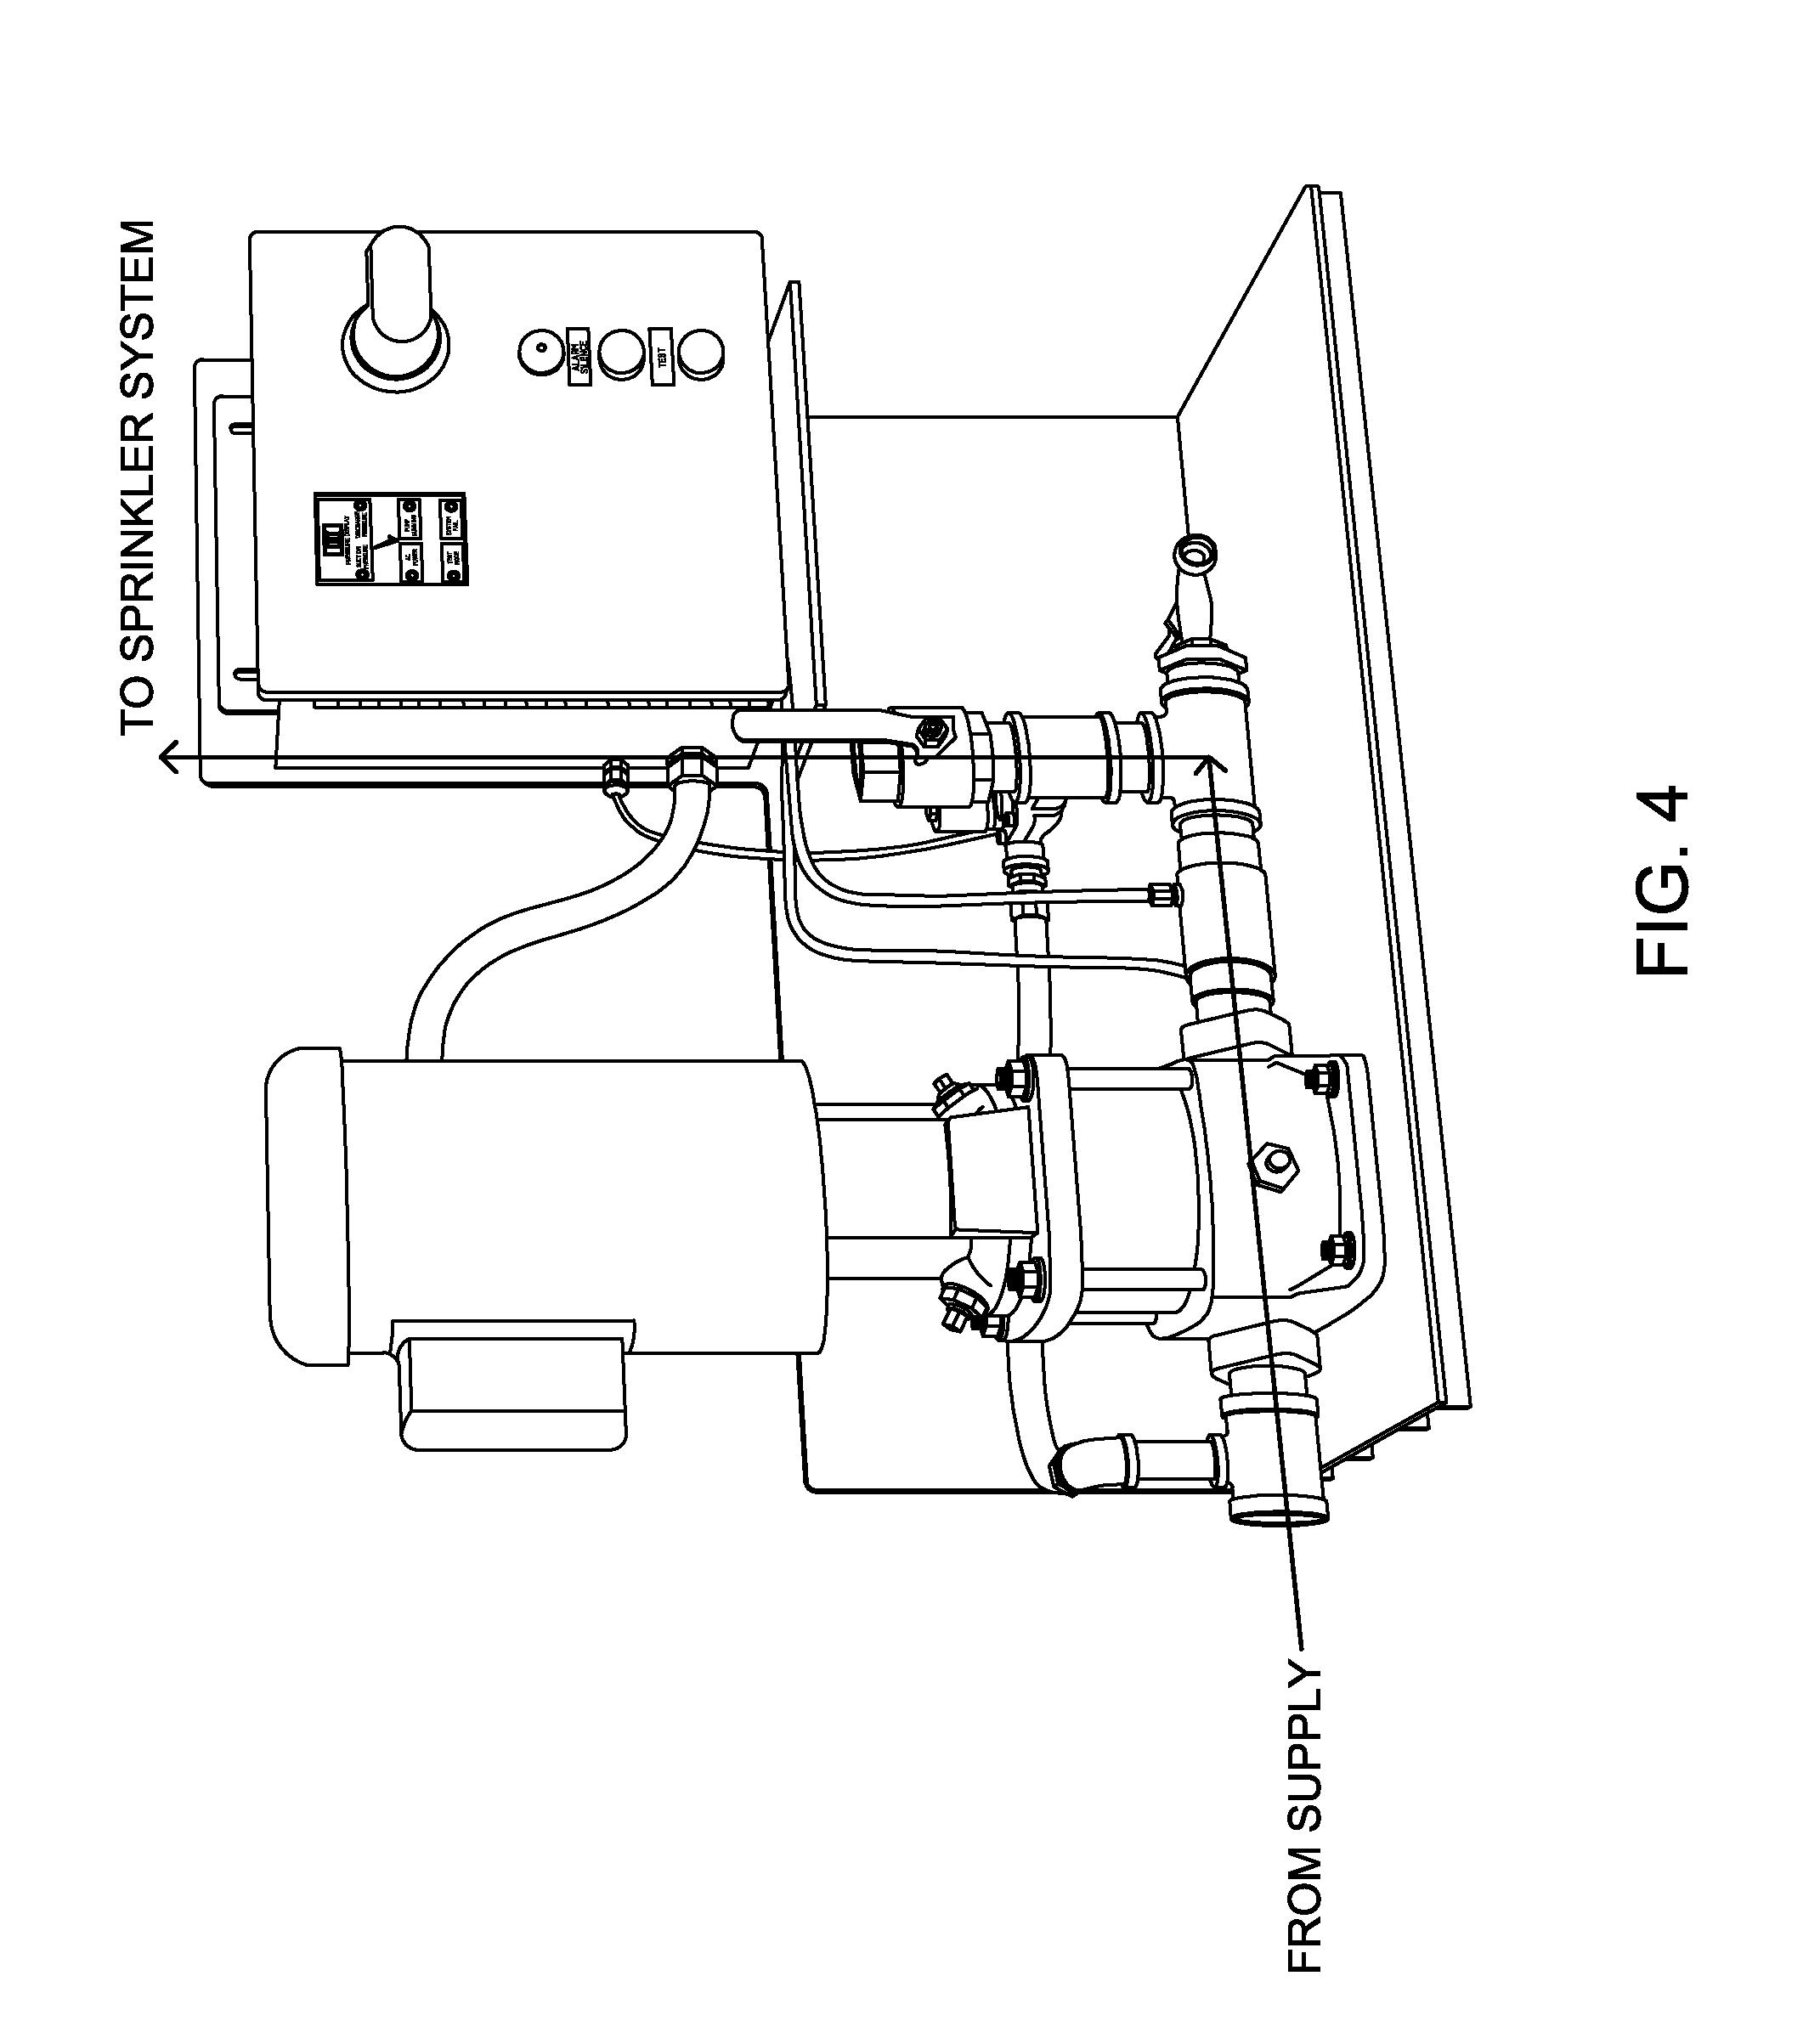 patent us20120298381